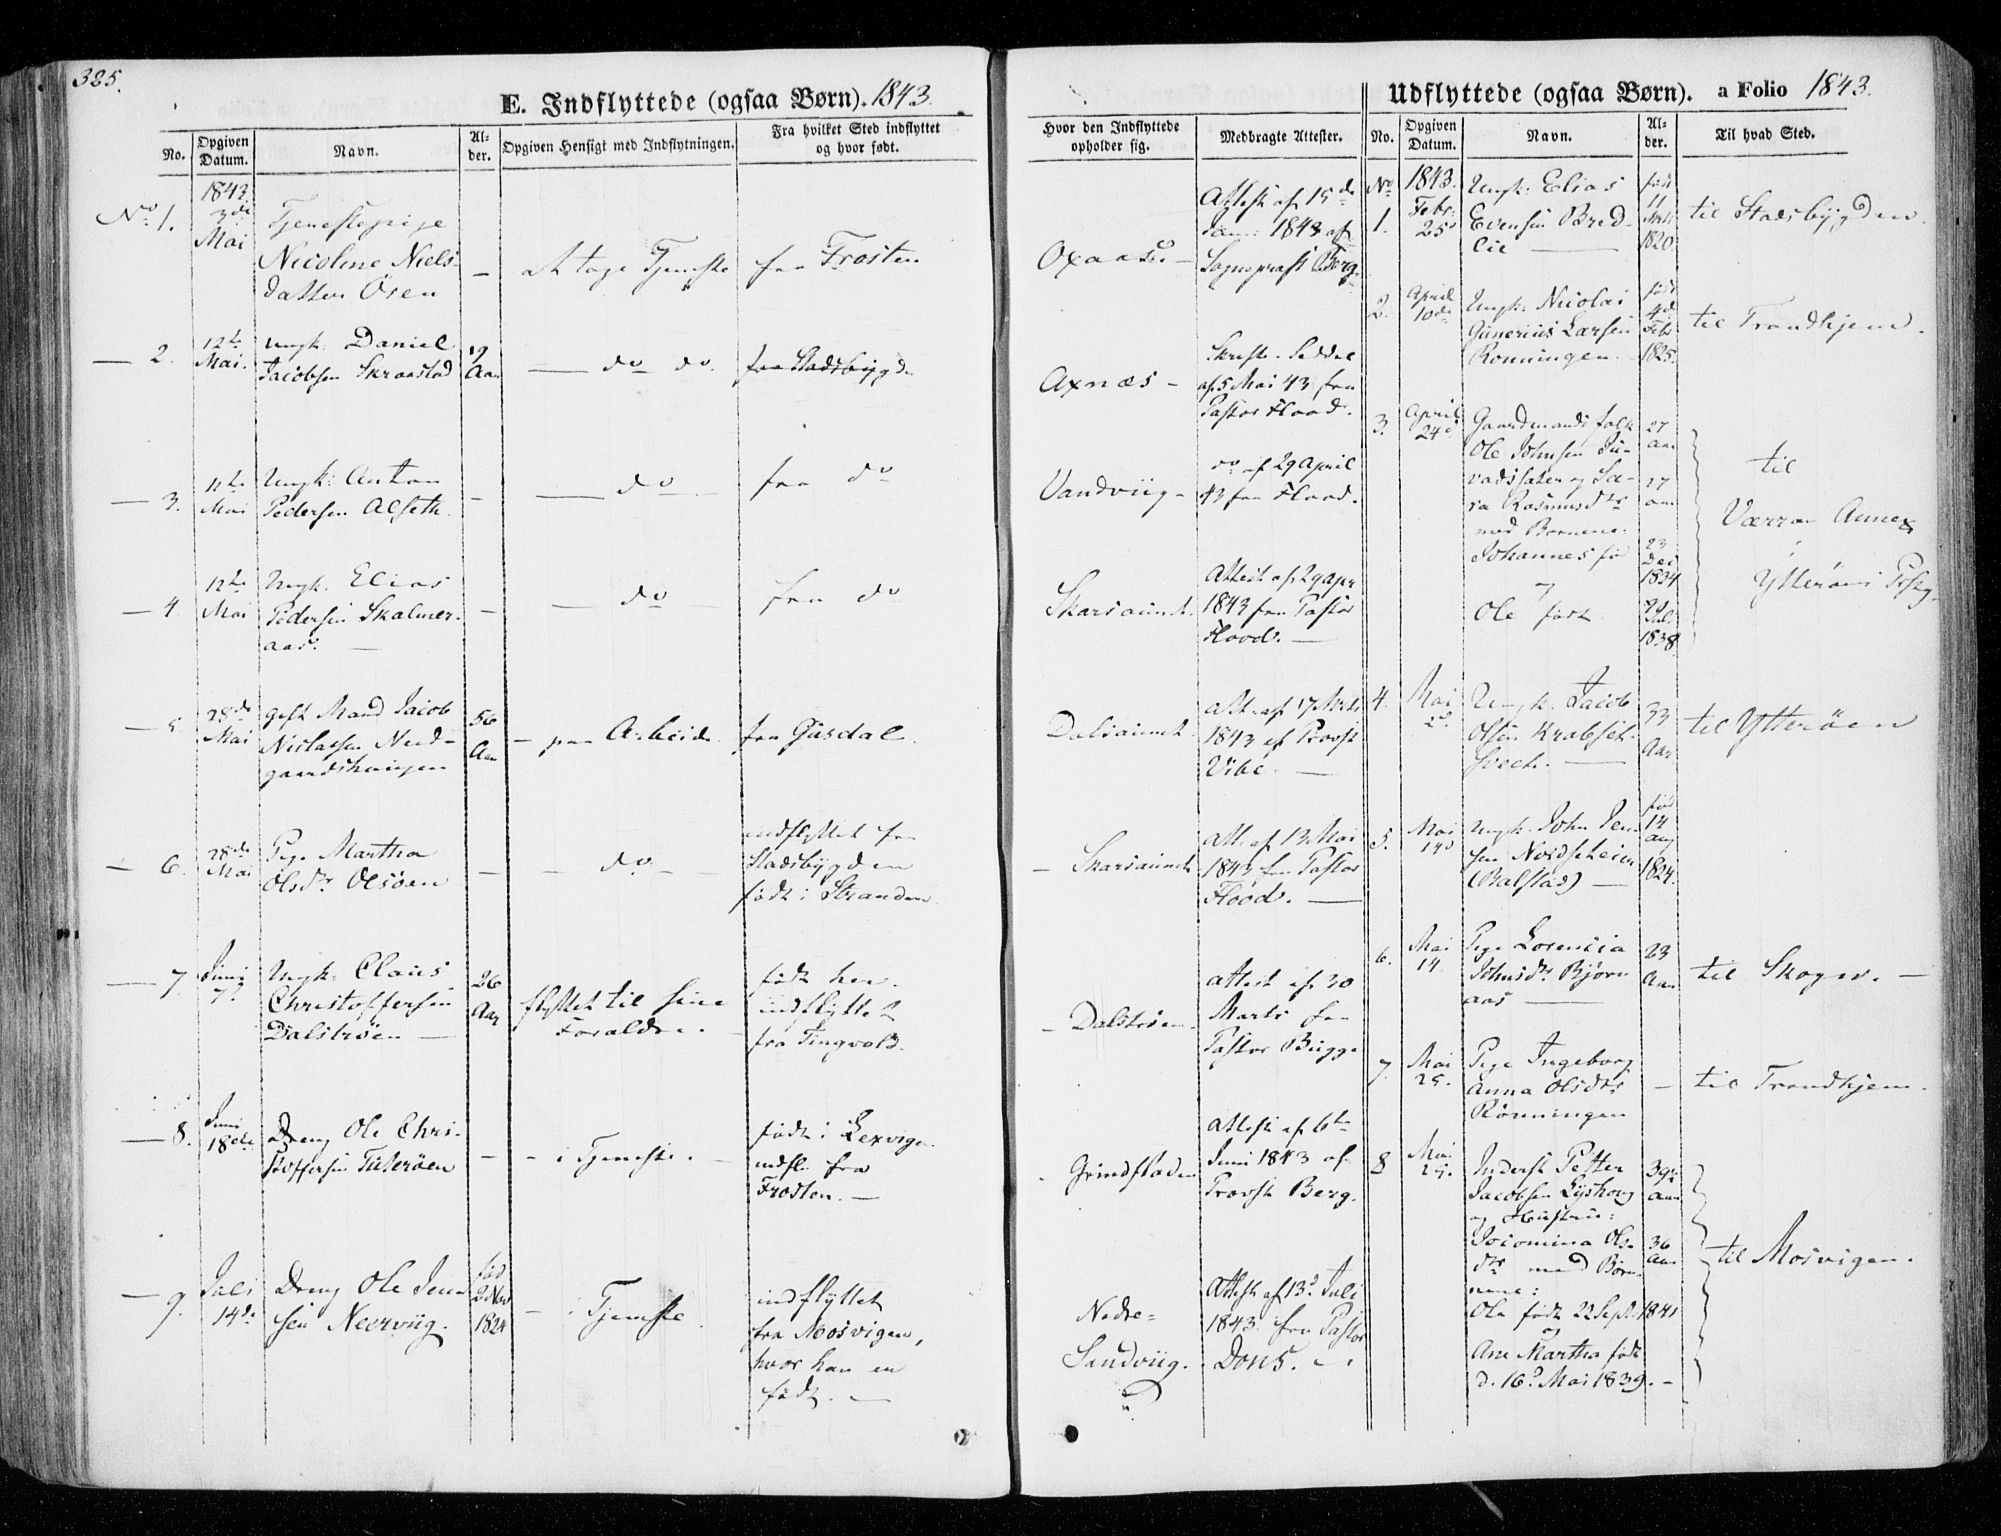 SAT, Ministerialprotokoller, klokkerbøker og fødselsregistre - Nord-Trøndelag, 701/L0007: Ministerialbok nr. 701A07 /1, 1842-1854, s. 325